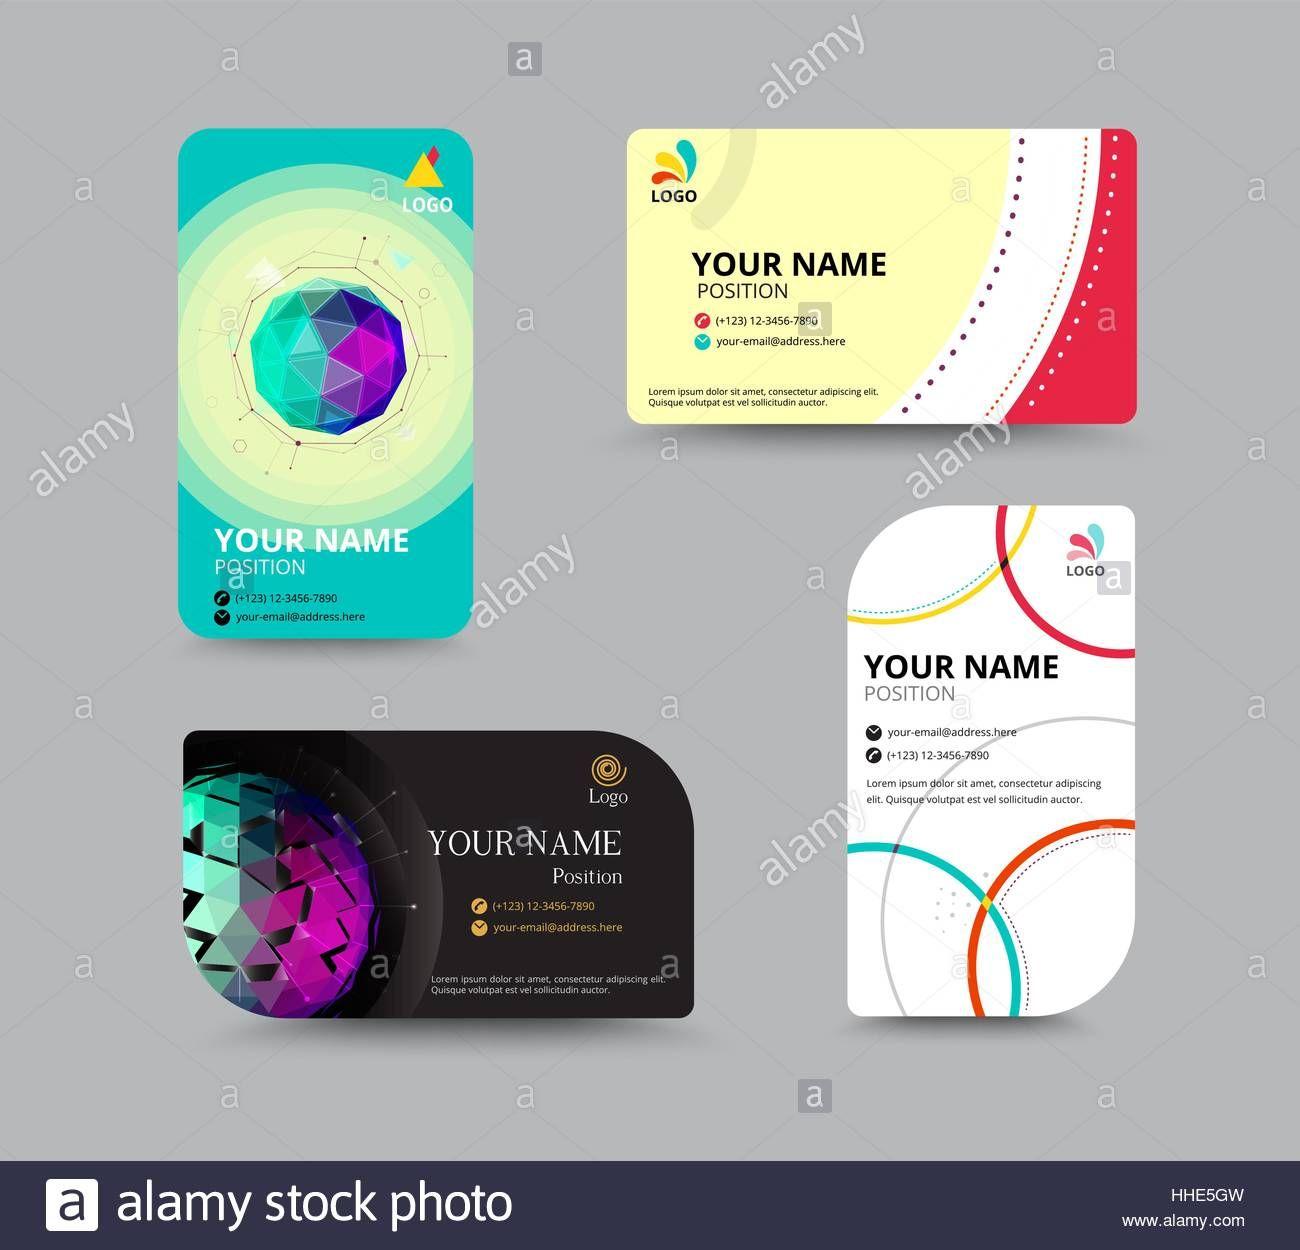 Beispiel Für Ein Business Card Design Mit Sample Business